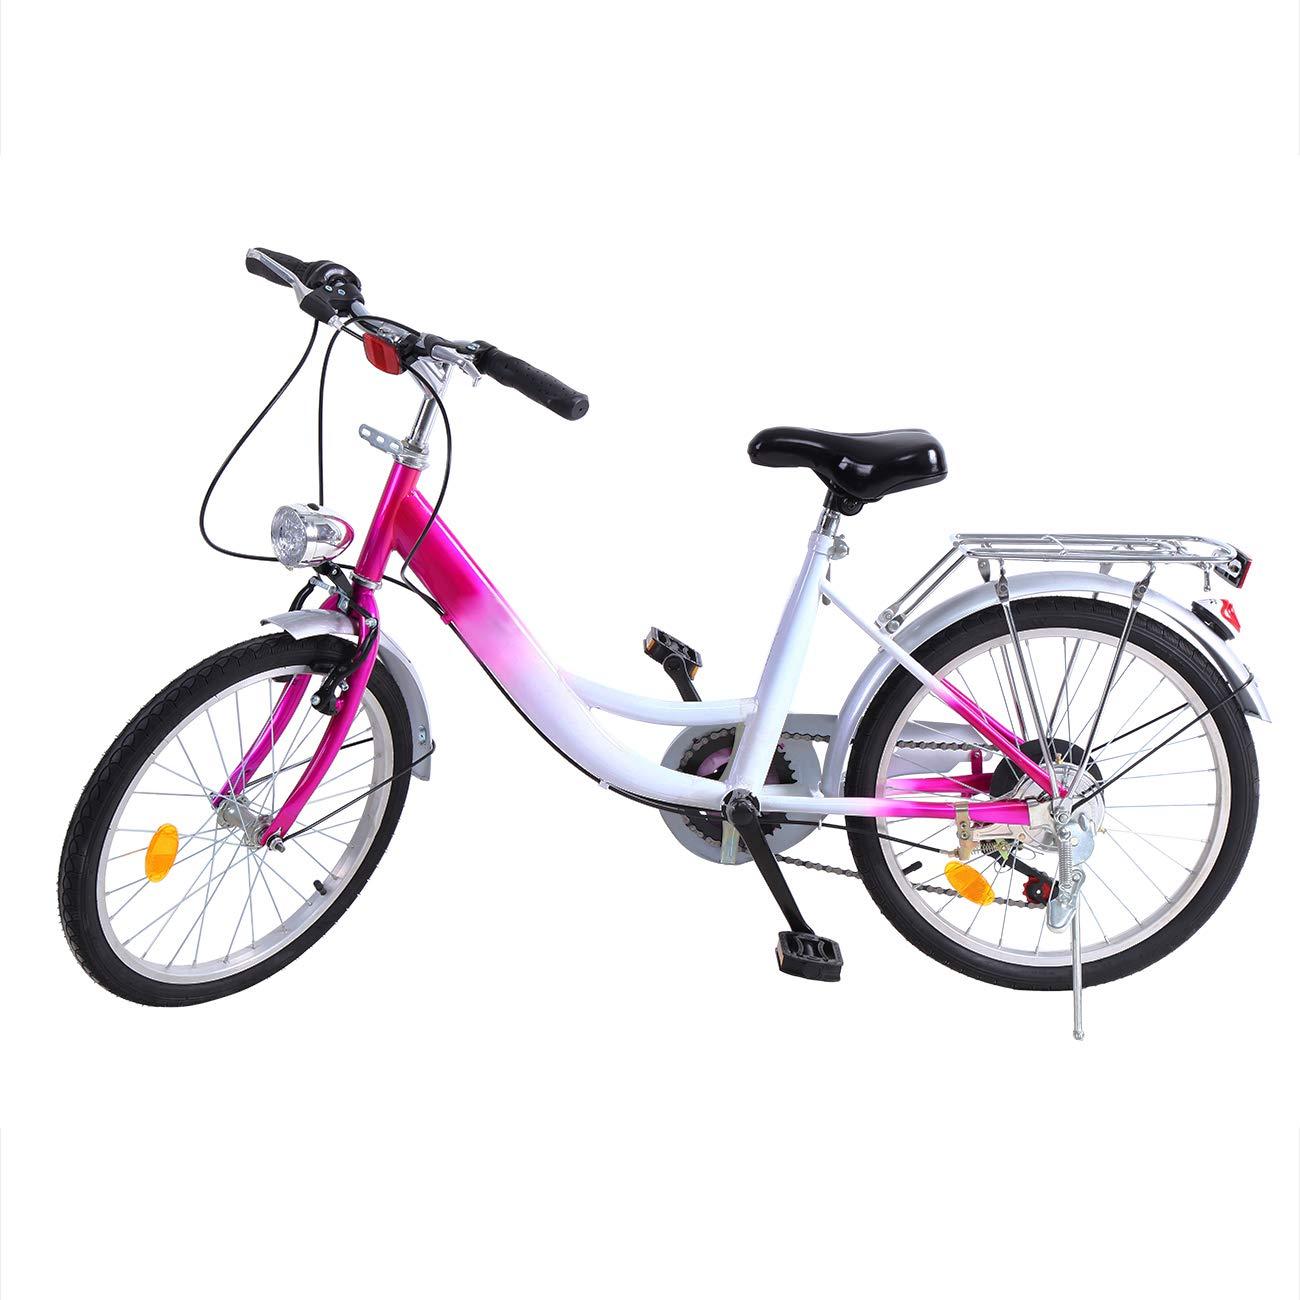 Accesorio para bicicleta infantil AOK